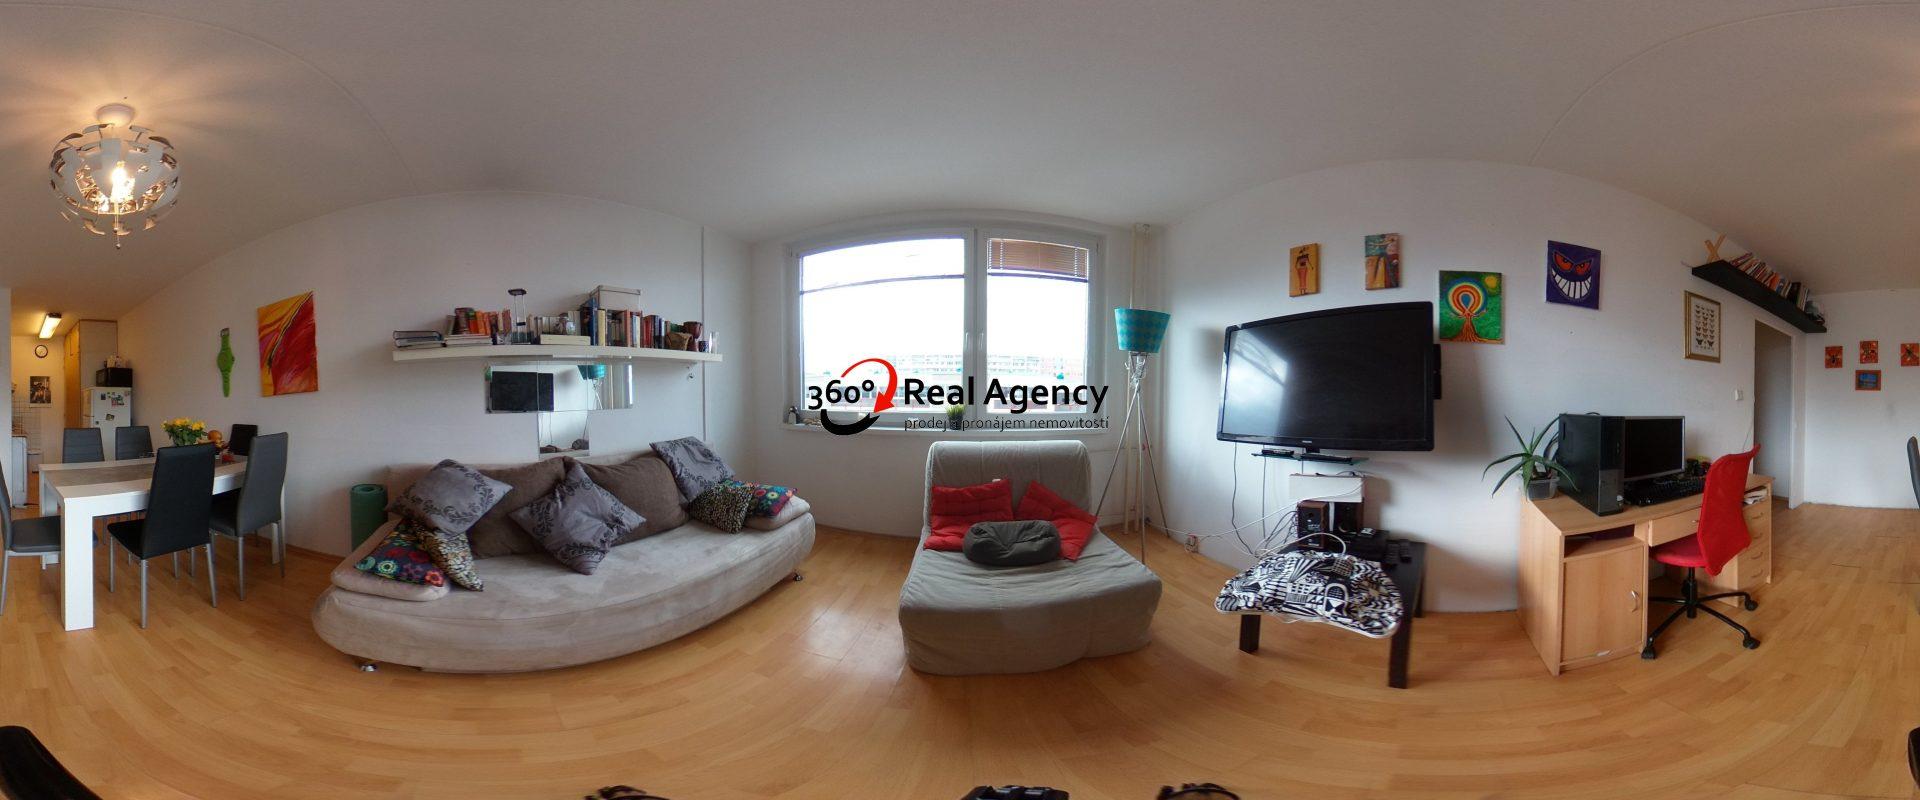 Prodej bytu 2+kk 43 m² ulice Blattného, Praha 5 – část obce Stodůlky